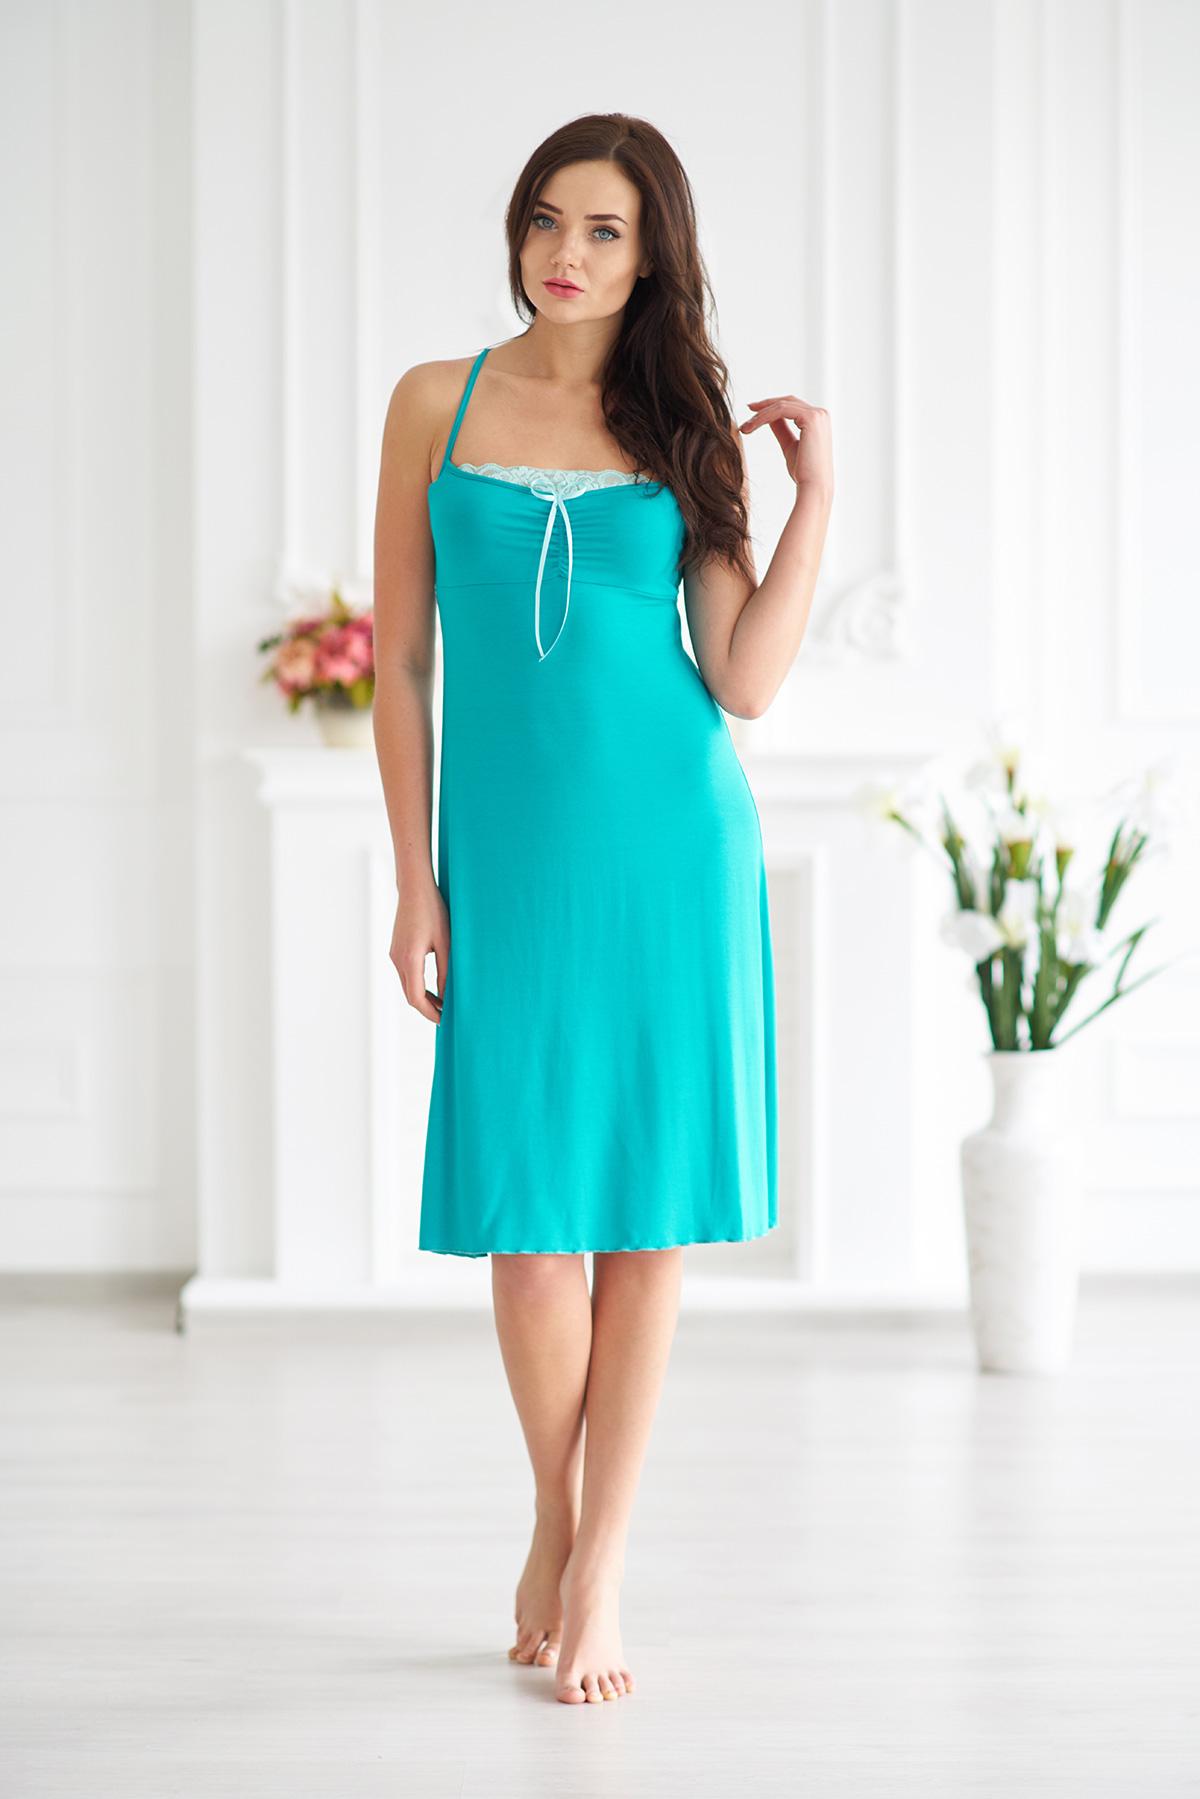 Жен. сорочка арт. 19-0019 Изумрудный р. 46Ночные сорочки<br>Факт. ОГ: 68 см <br>Факт. ОТ: 90 см <br>Факт. ОБ: 106 см <br>Длина по спинке: 78 см<br><br>Тип: Жен. сорочка<br>Размер: 46<br>Материал: Вискоза